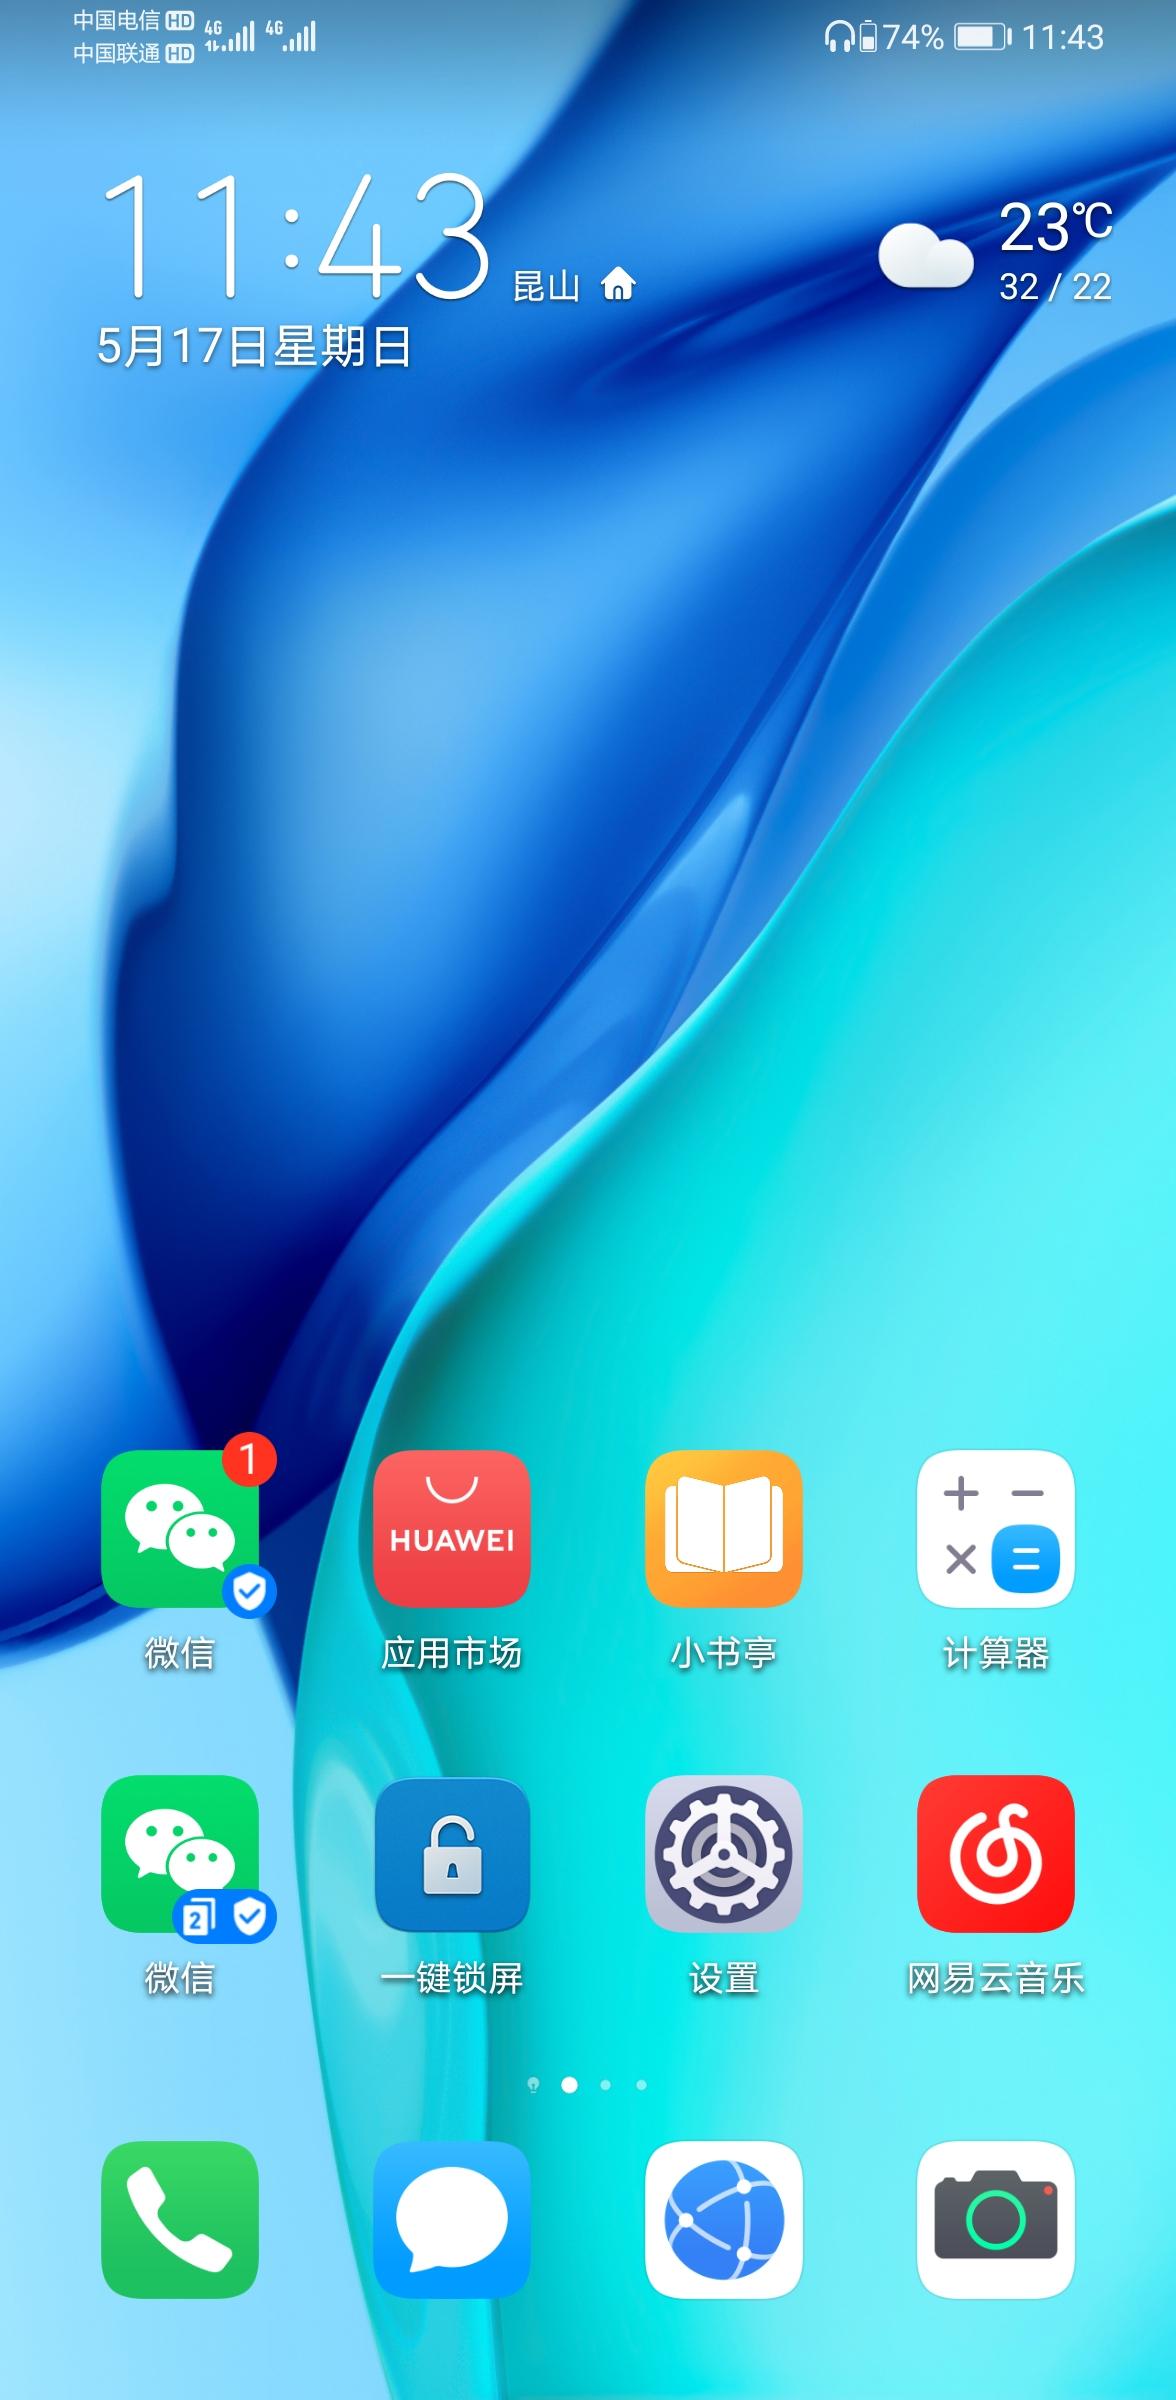 Screenshot_20200517_114324_com.huawei.android.launcher.jpg